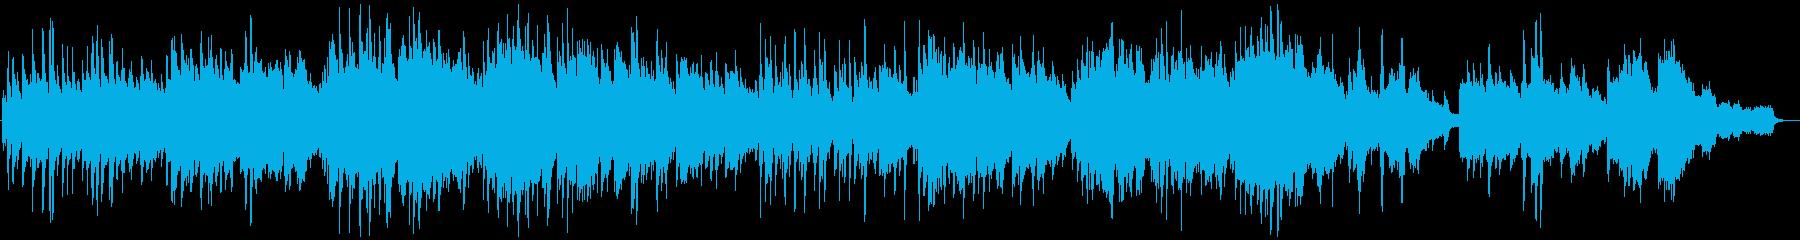 癒しのピアノカルテット〜茶摘み〜の再生済みの波形